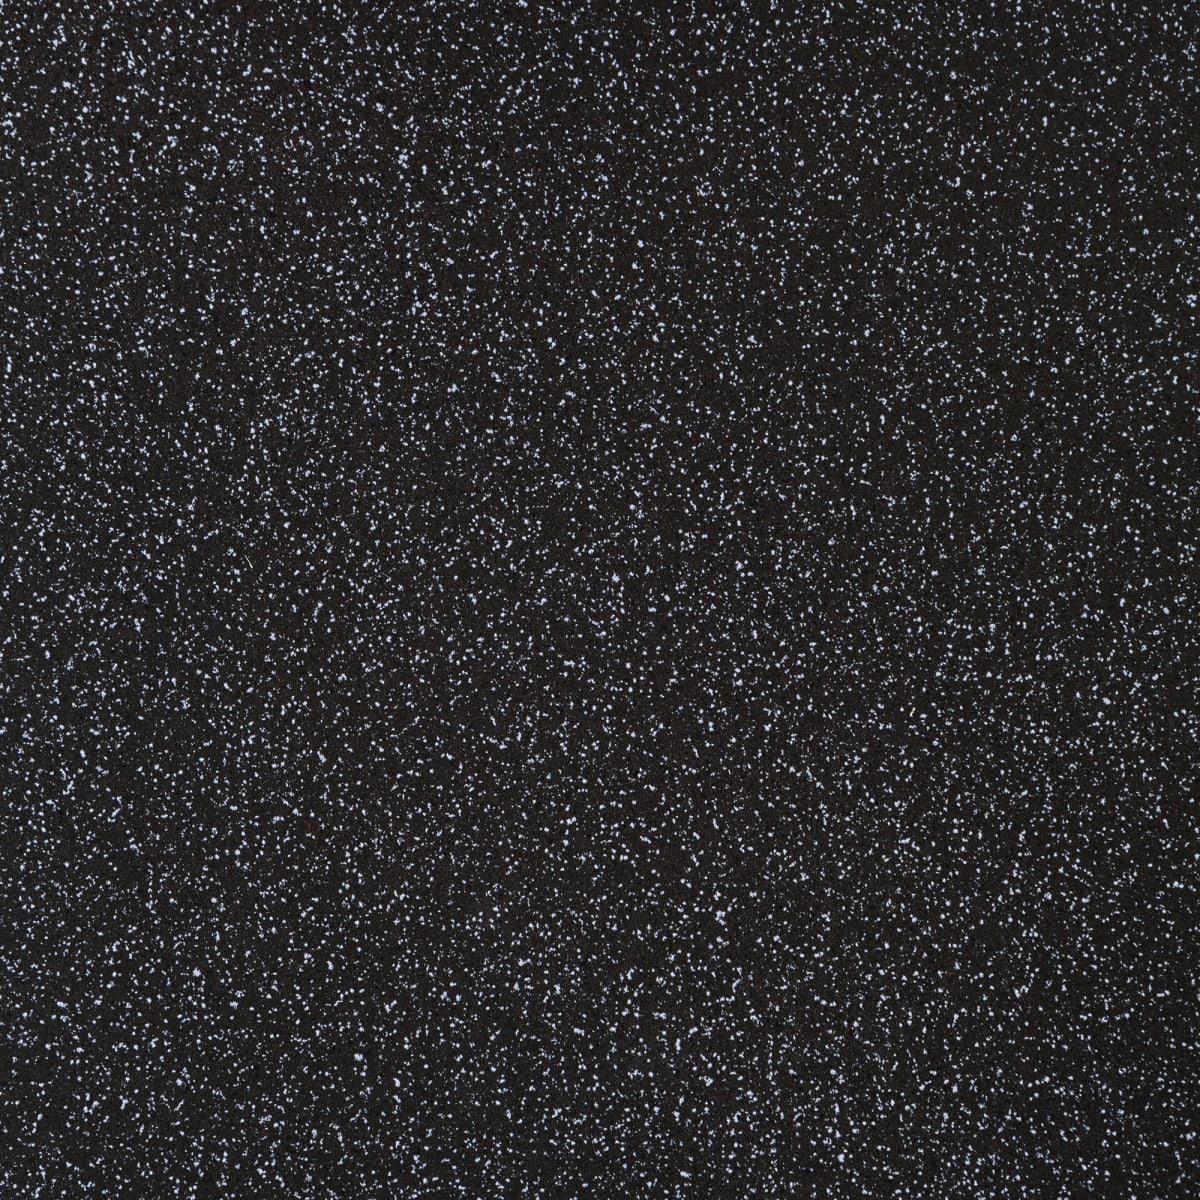 Стеновая панель «Блэк», 300х0.4х60 см, МДФ